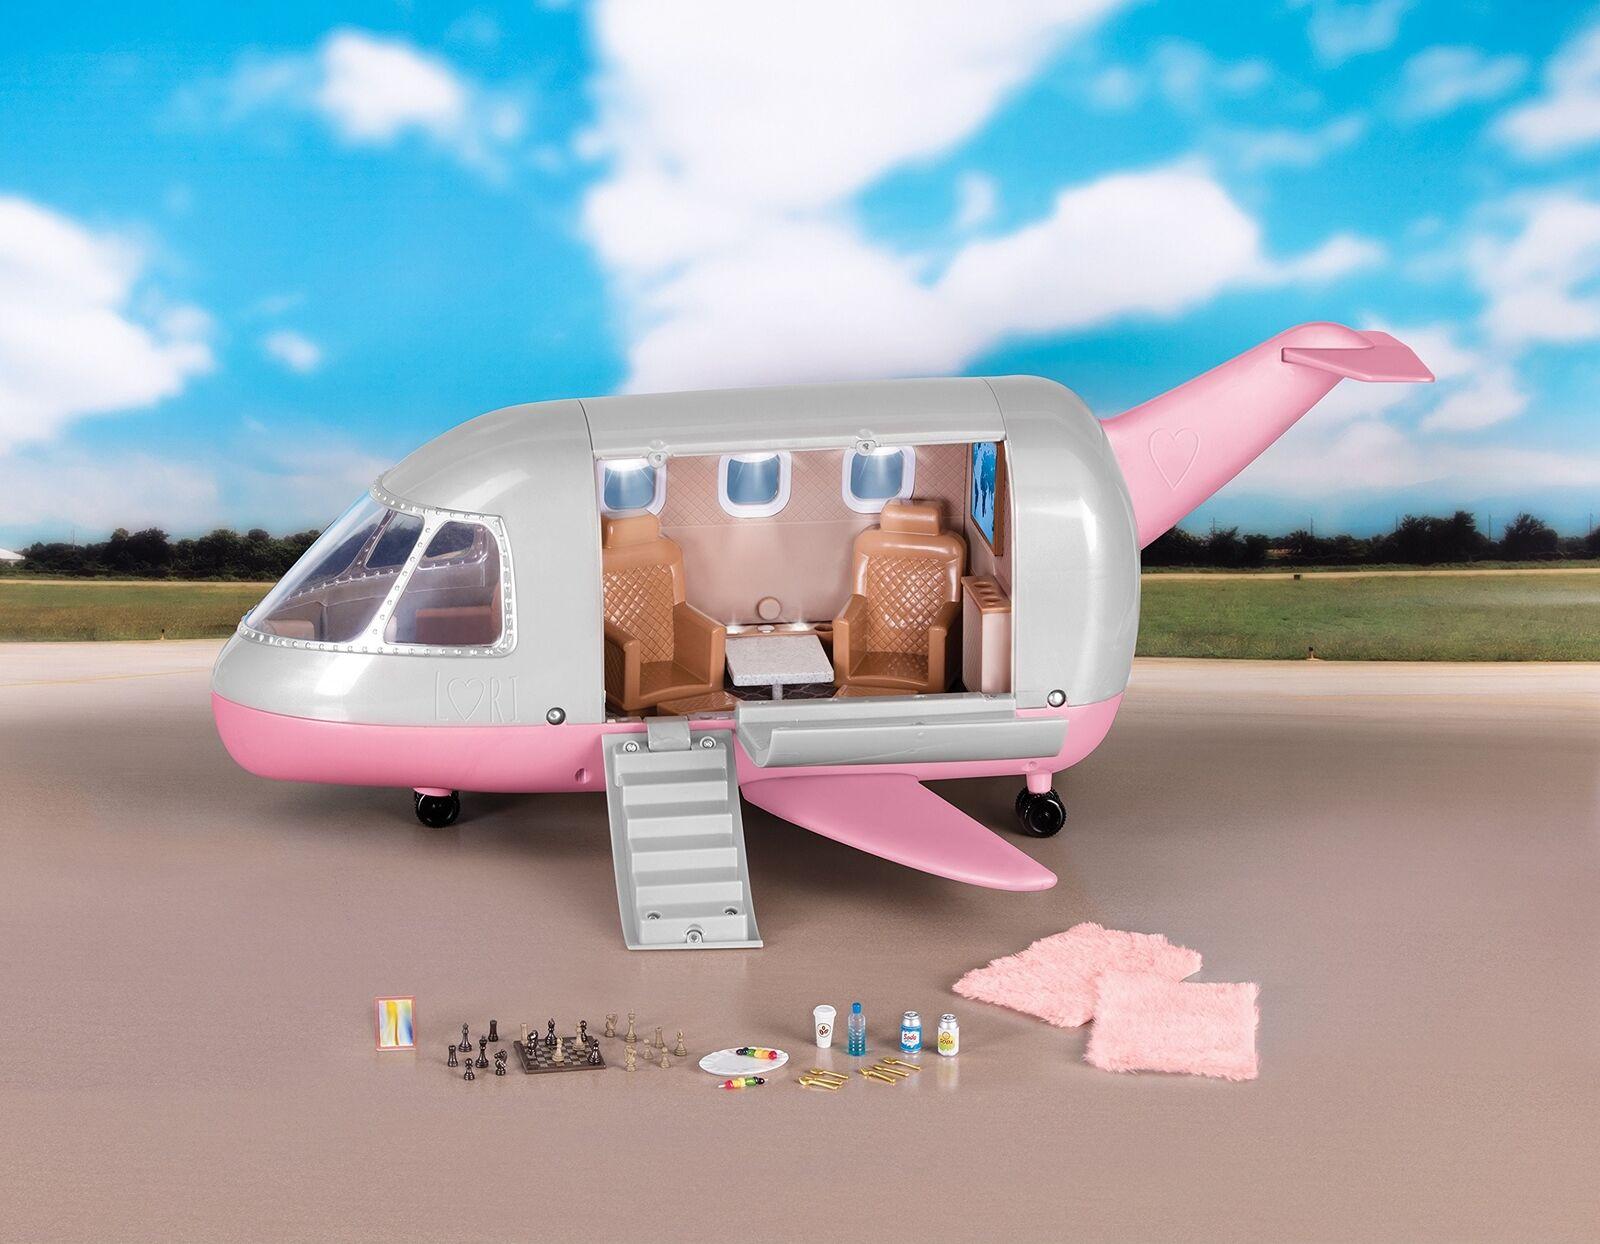 LORI in miniatura-Jet privato, lo37036z